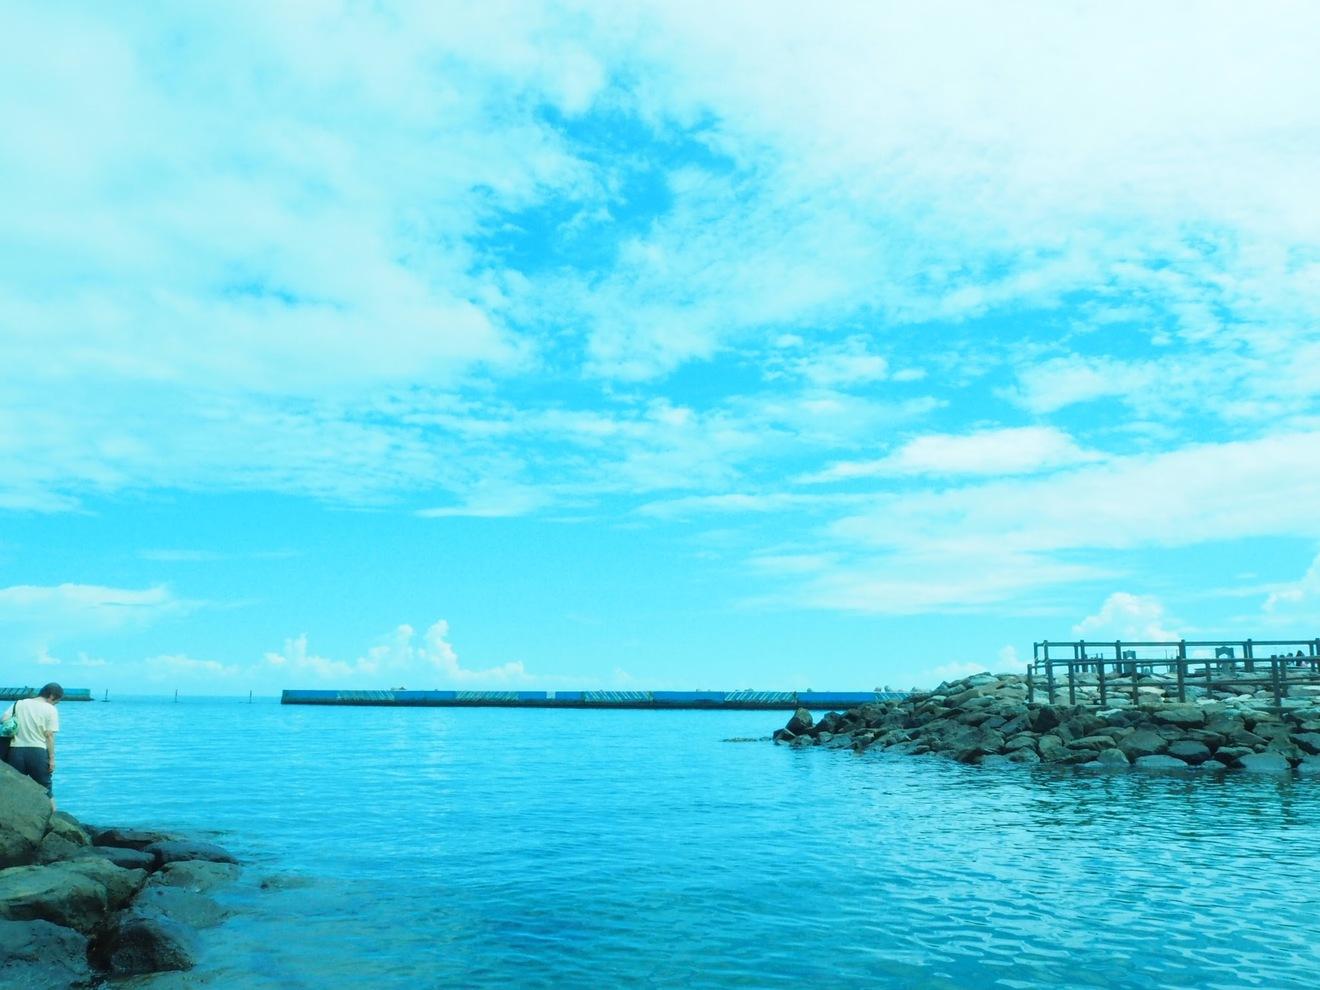 5分でわかる排他的経済水域!意味、領海との違い、漁業等をわかりやすく解説